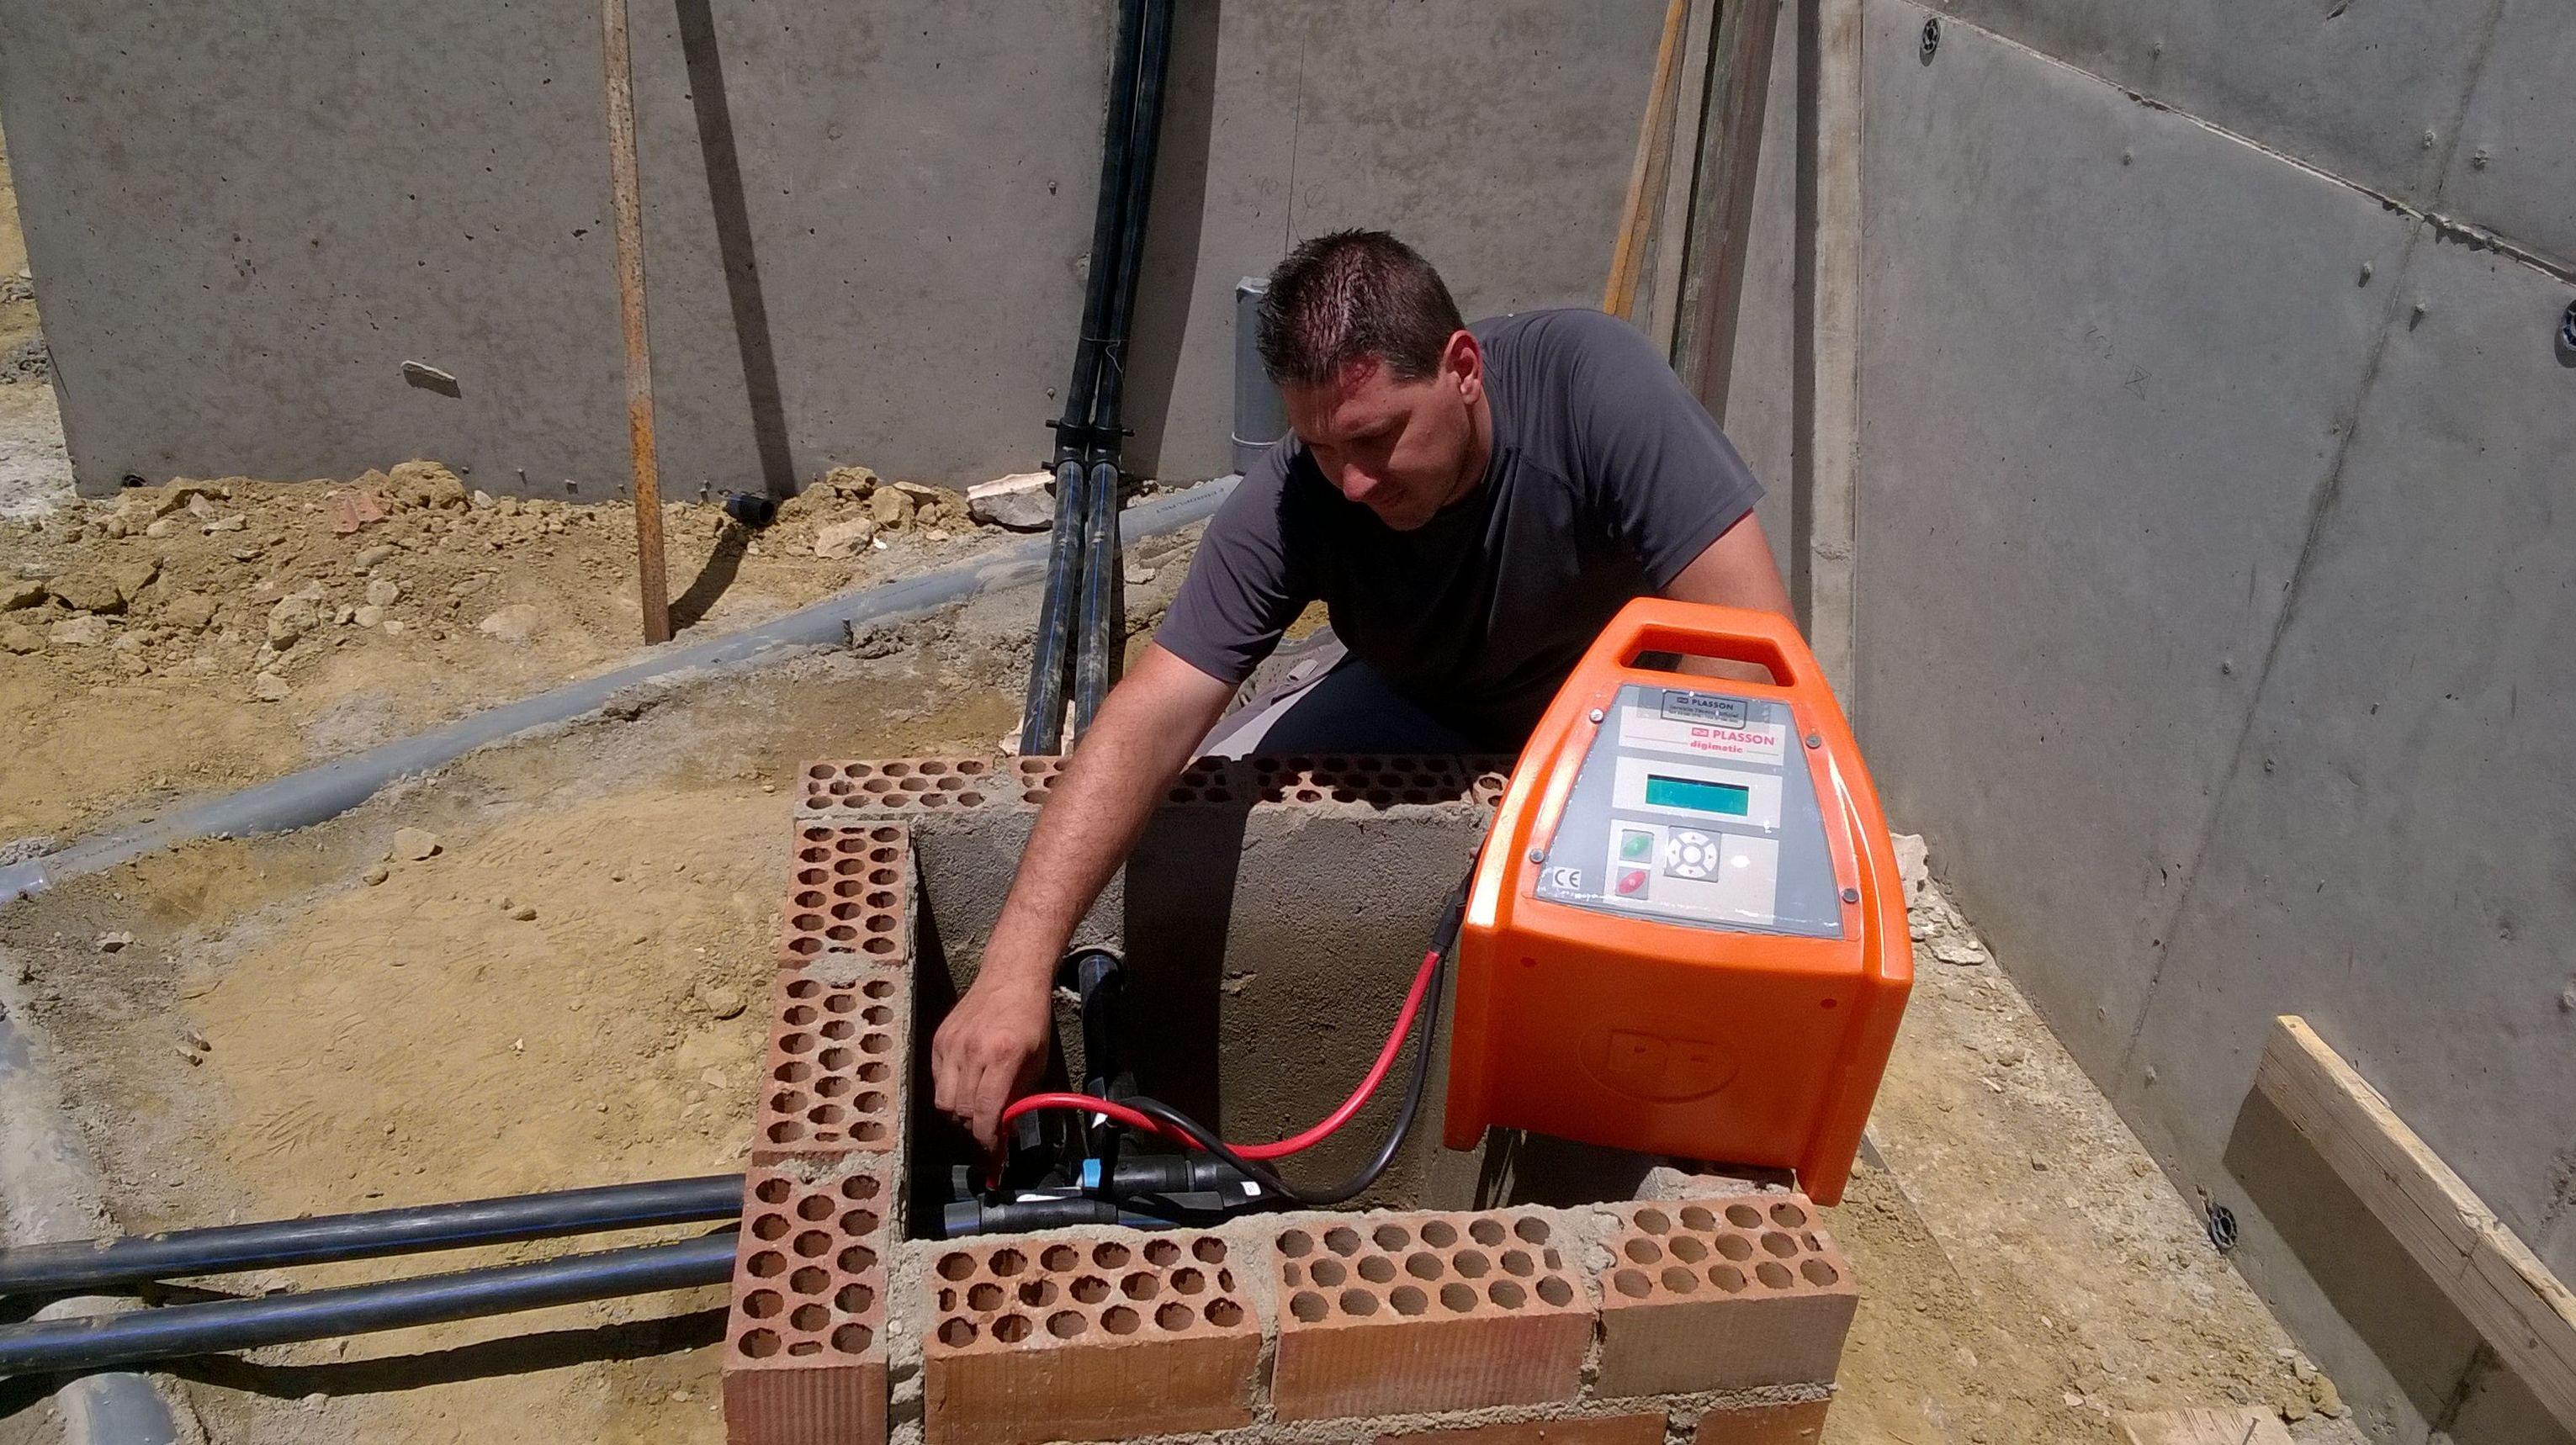 Soldando politileno en instalacion de geotermia.